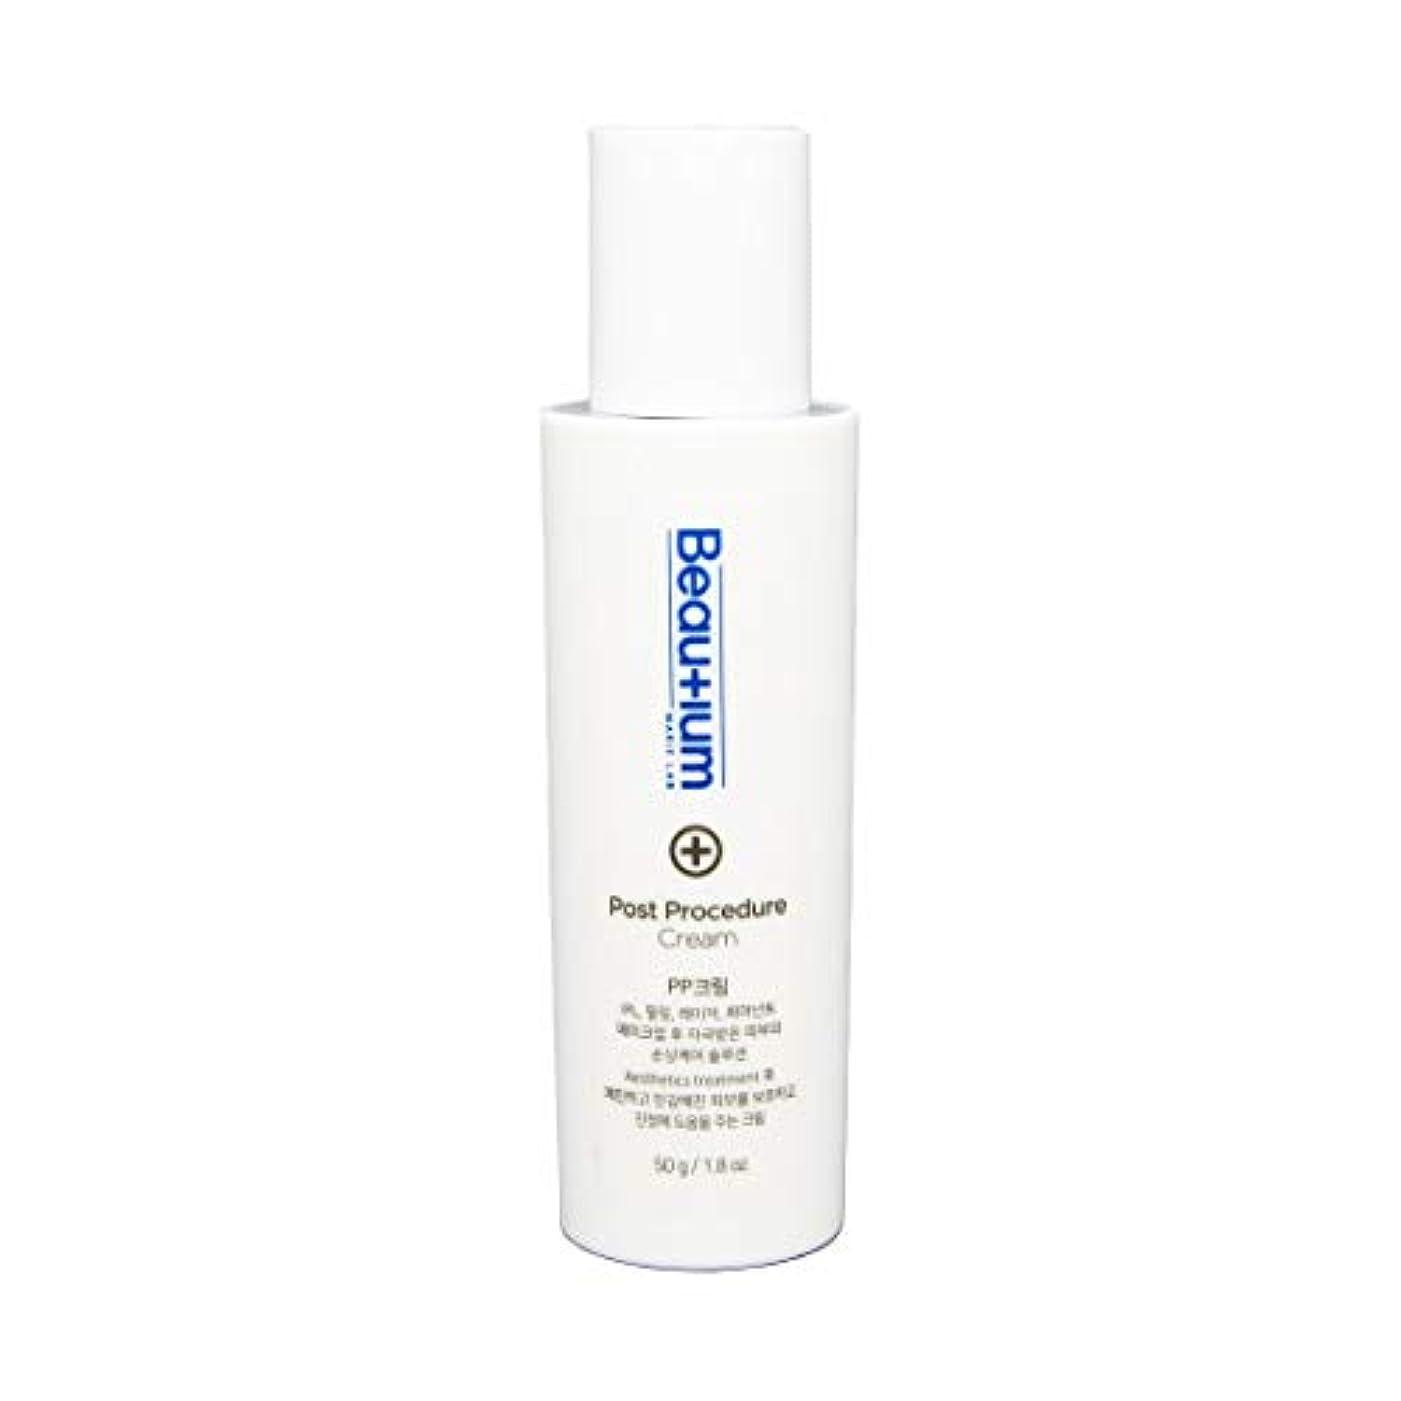 素晴らしさキャラバン織る[Beautium] ポスト手続クリーム50g鋭敏で敏感な肌用水分栄養の供給で早く鎮静 ??? ??? ????? ??